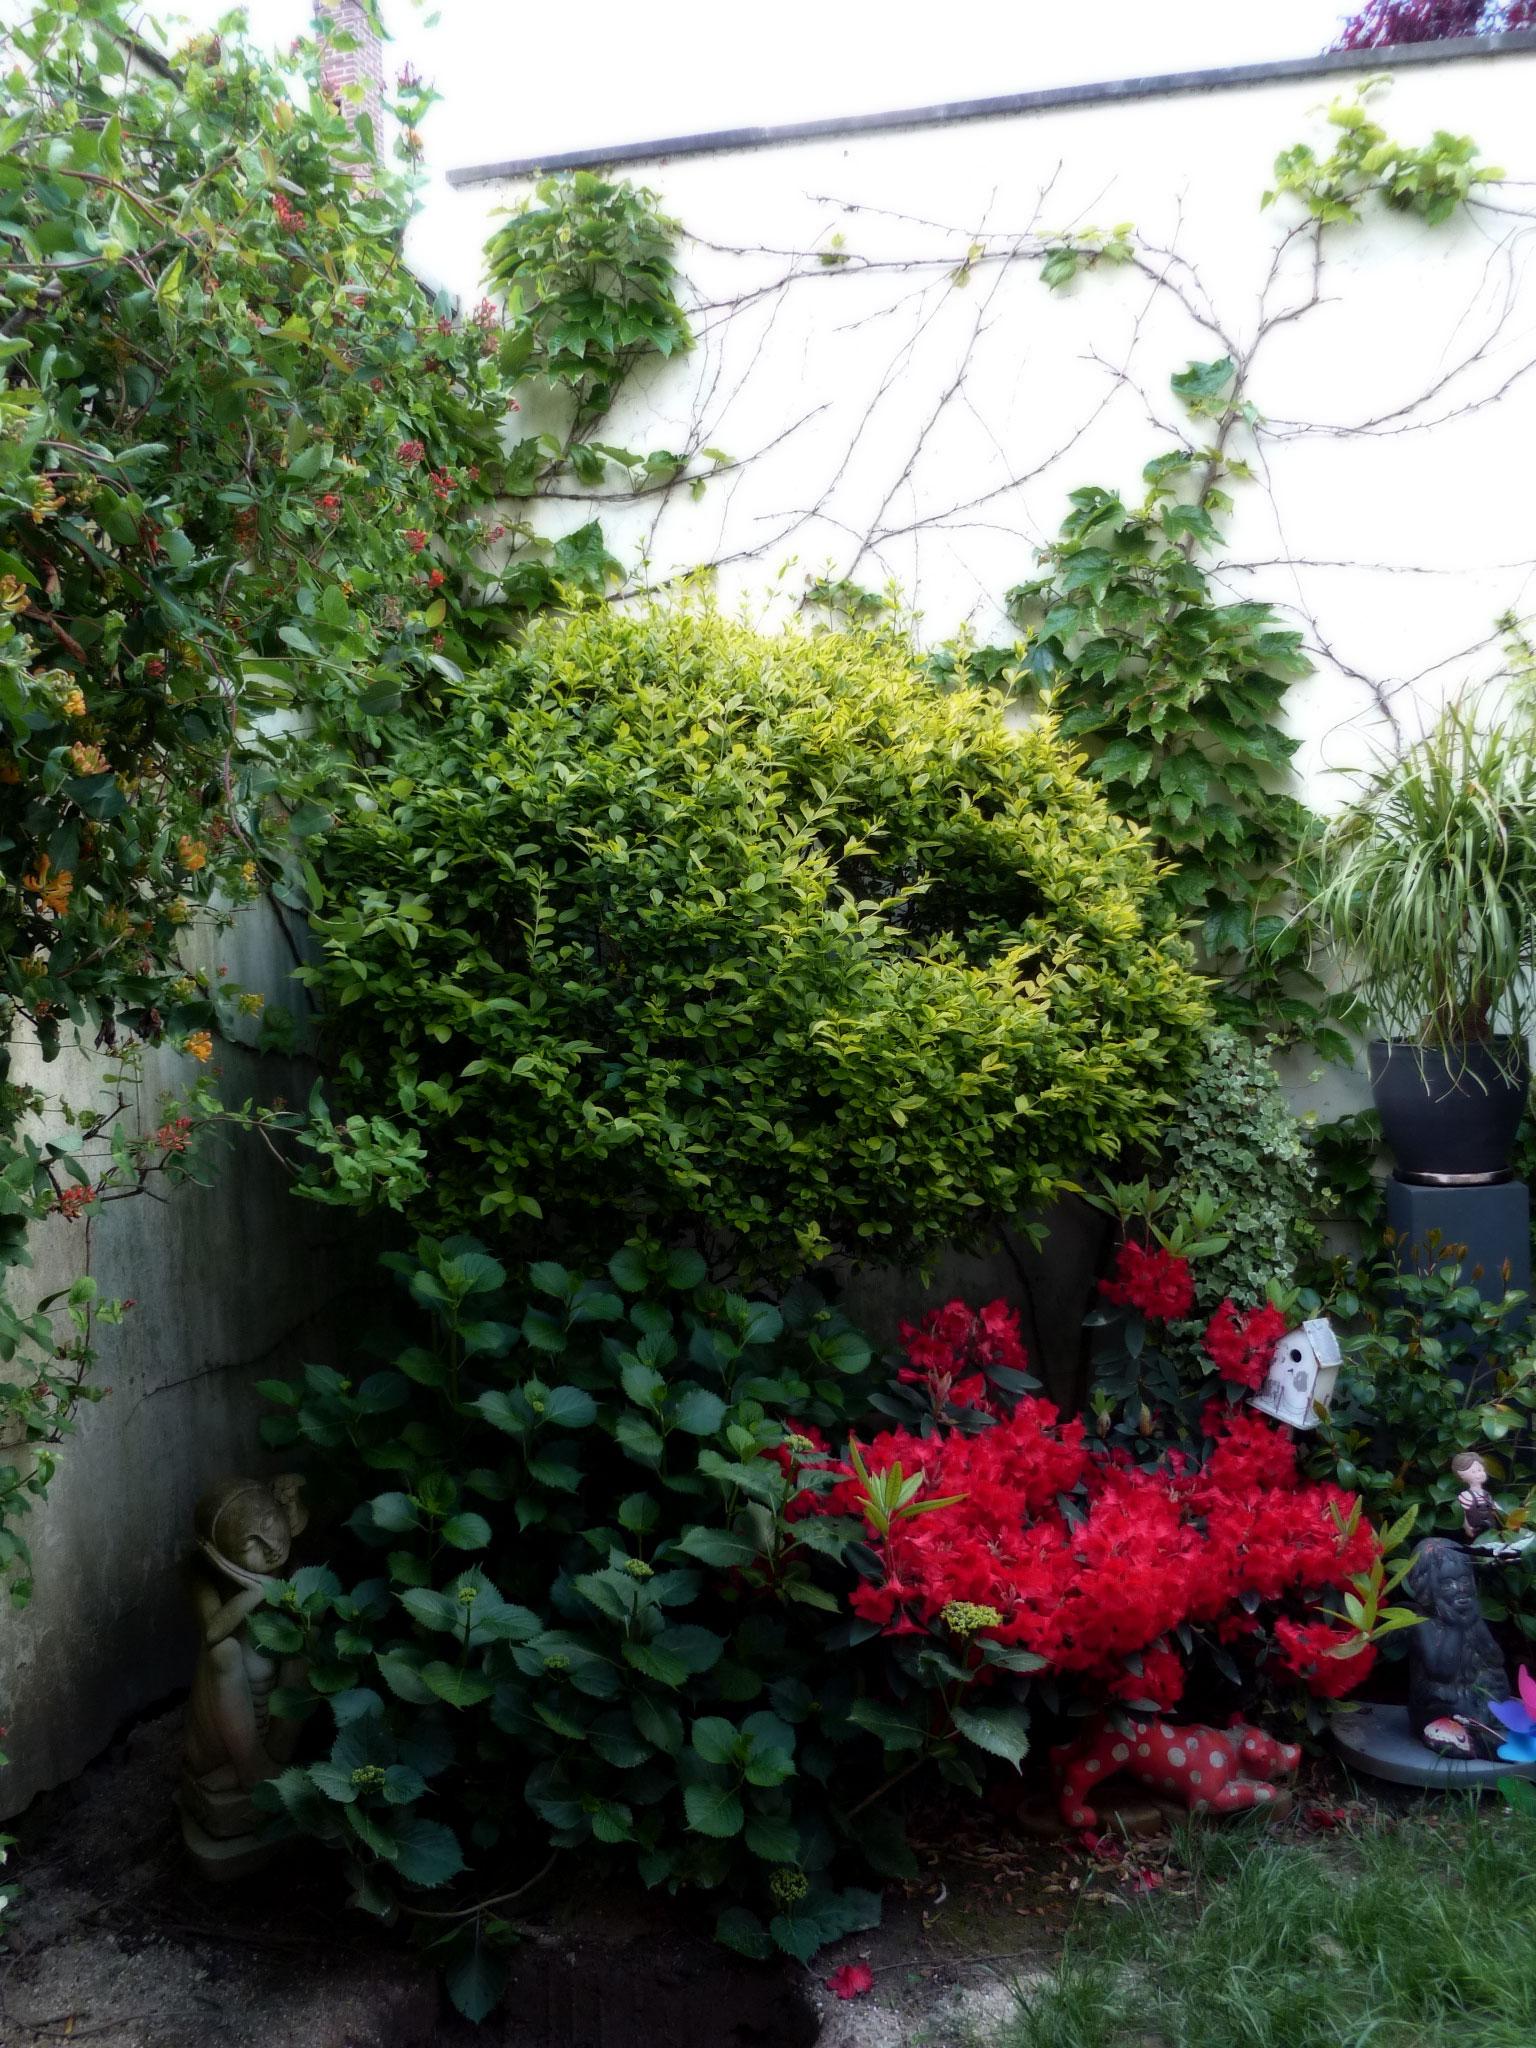 Jardin avant maison cool avant with jardin avant maison for Conseil pour le jardin